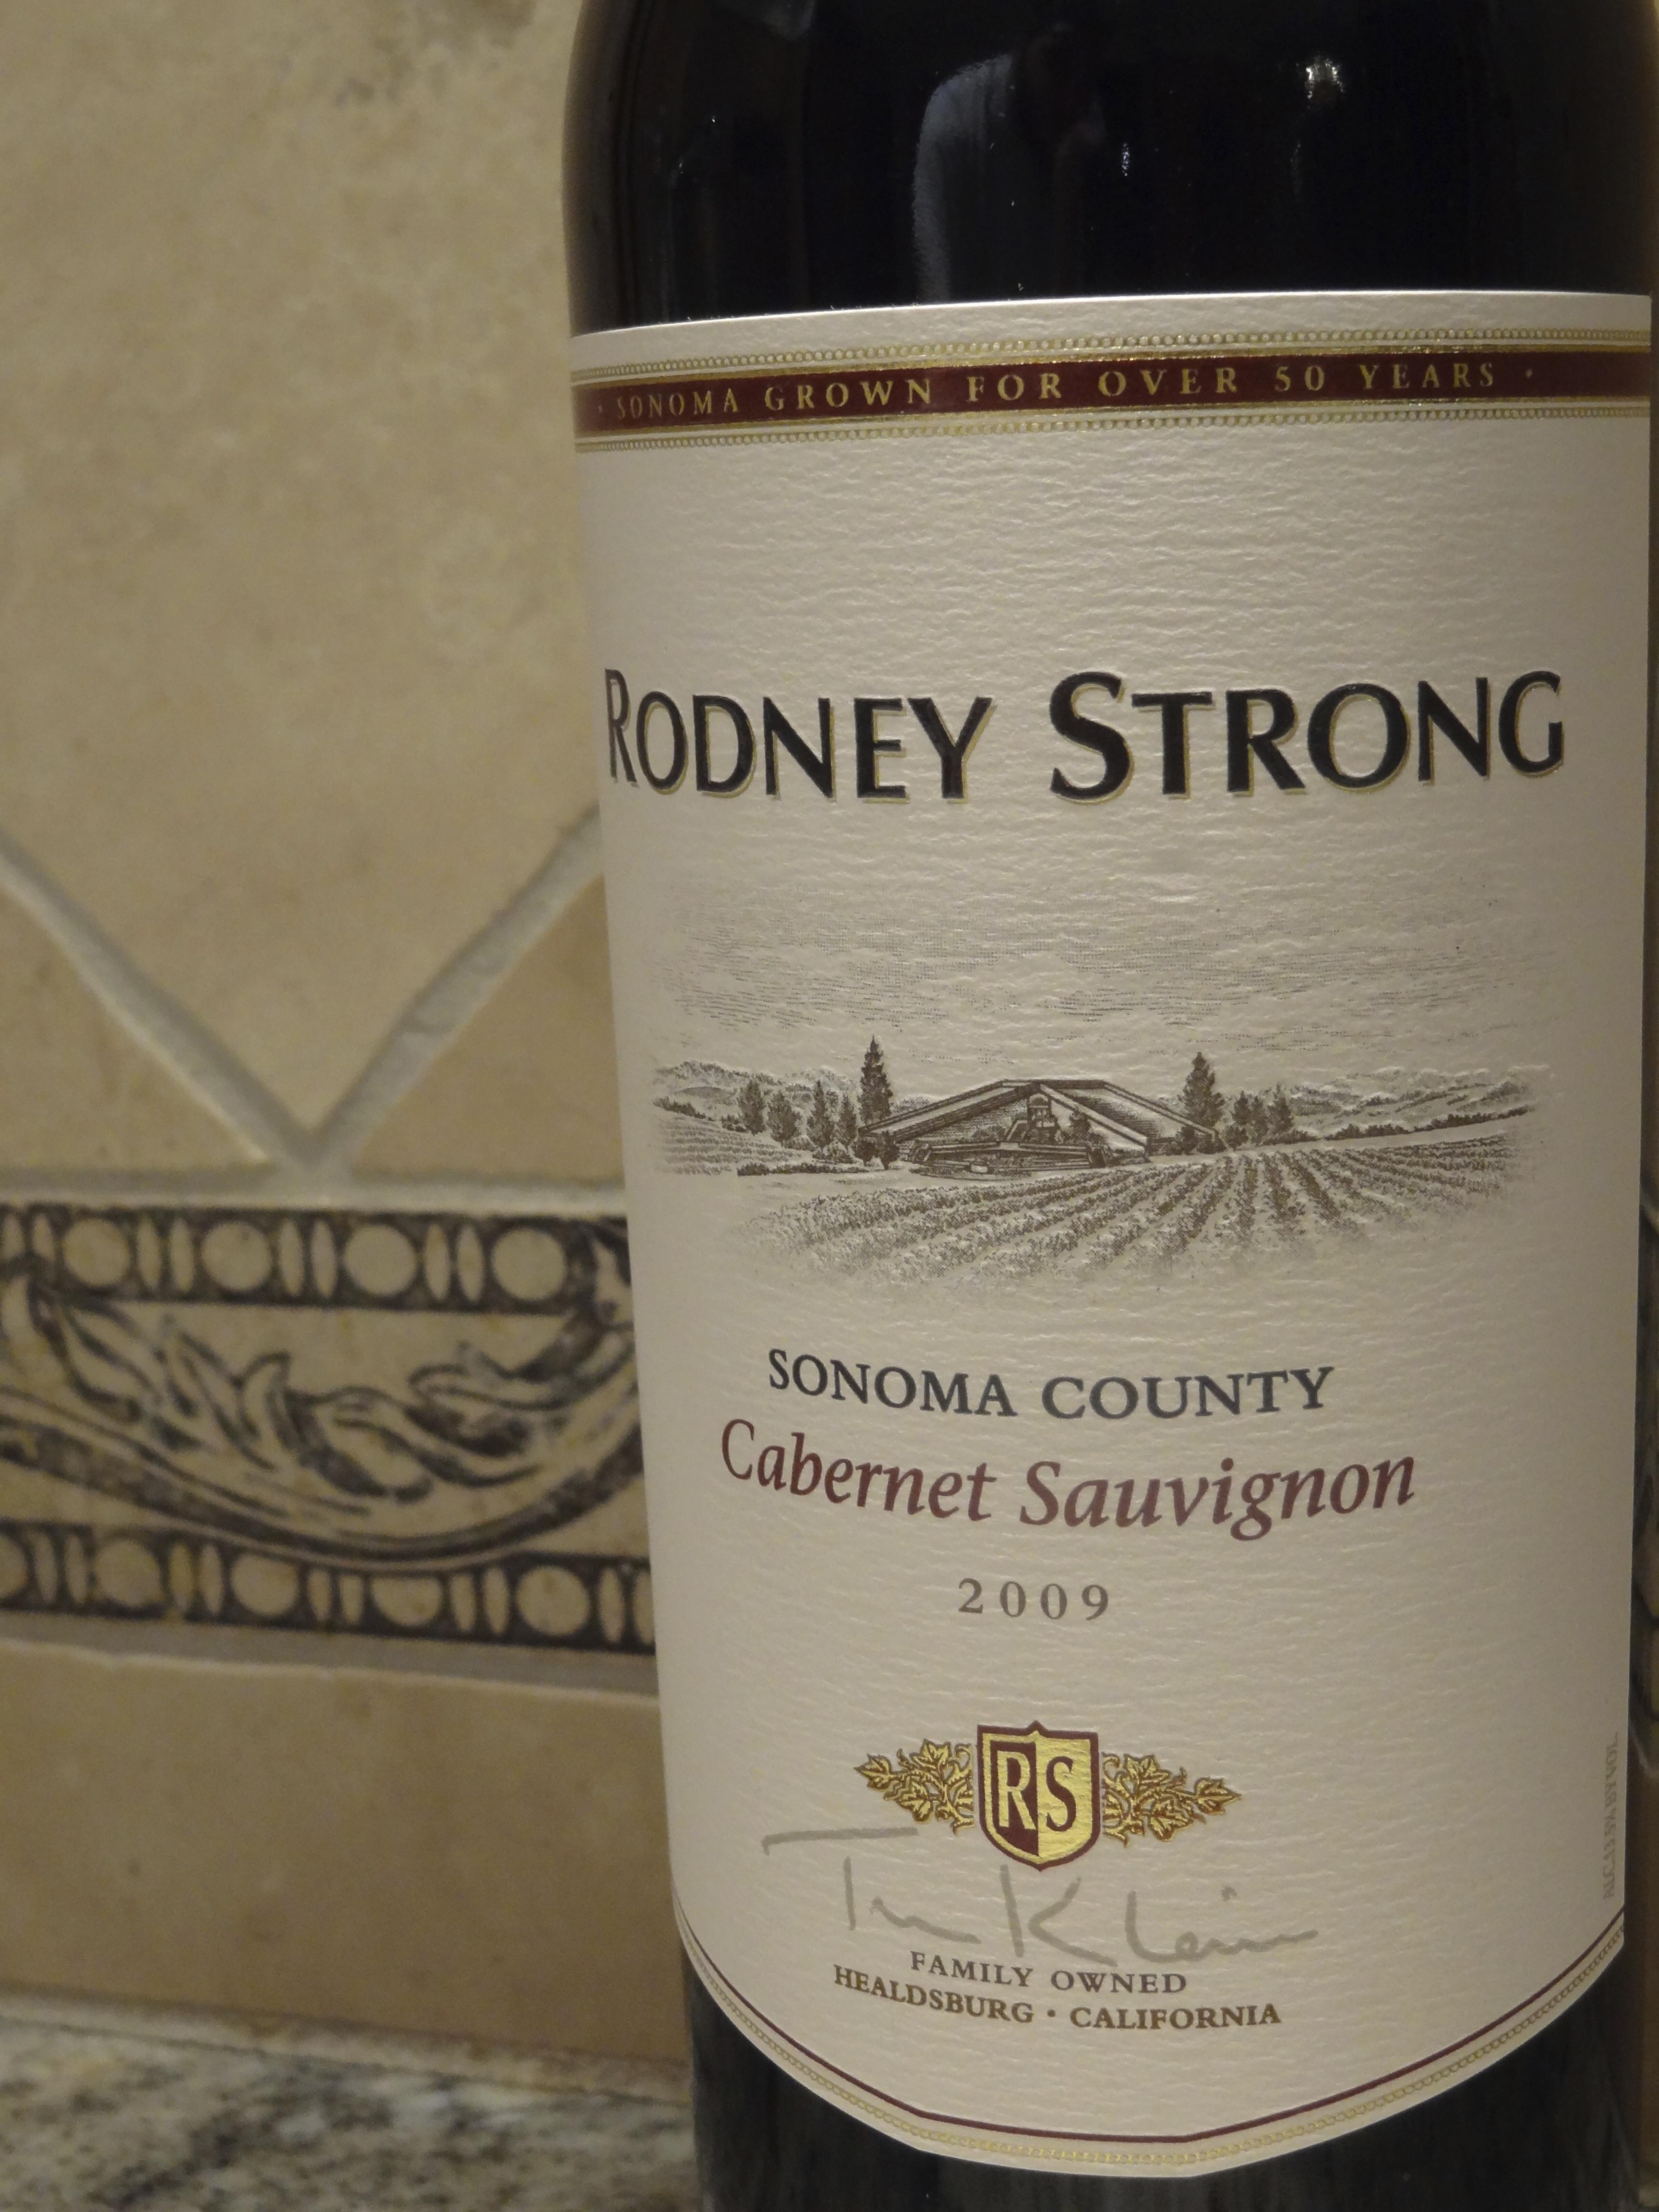 2009 Rodney Strong Sonoma County Cabernet Sauvignon